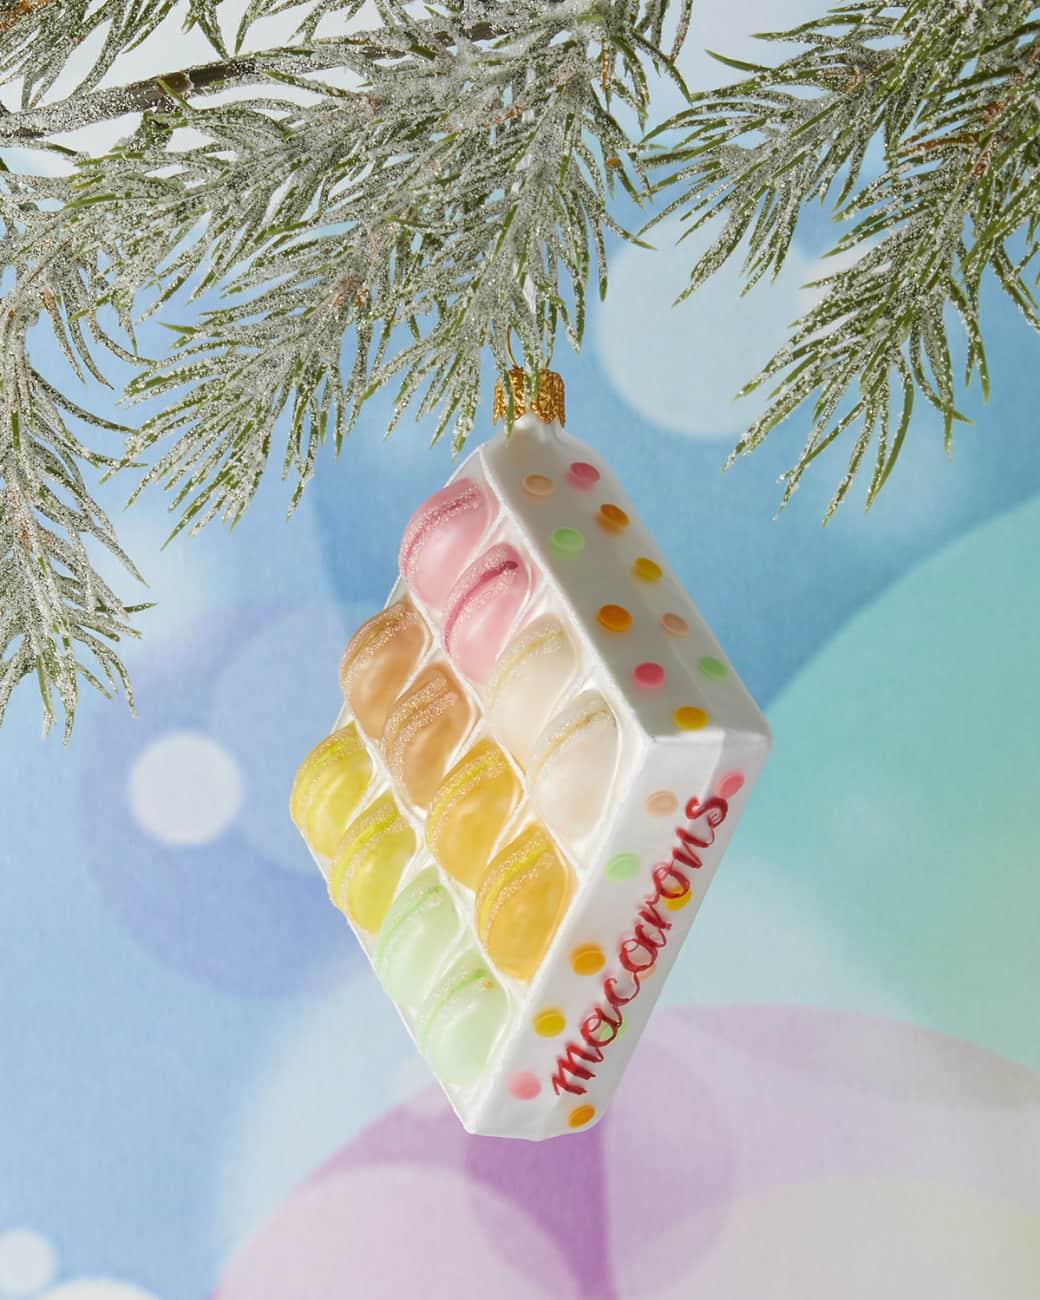 macaron box ornament